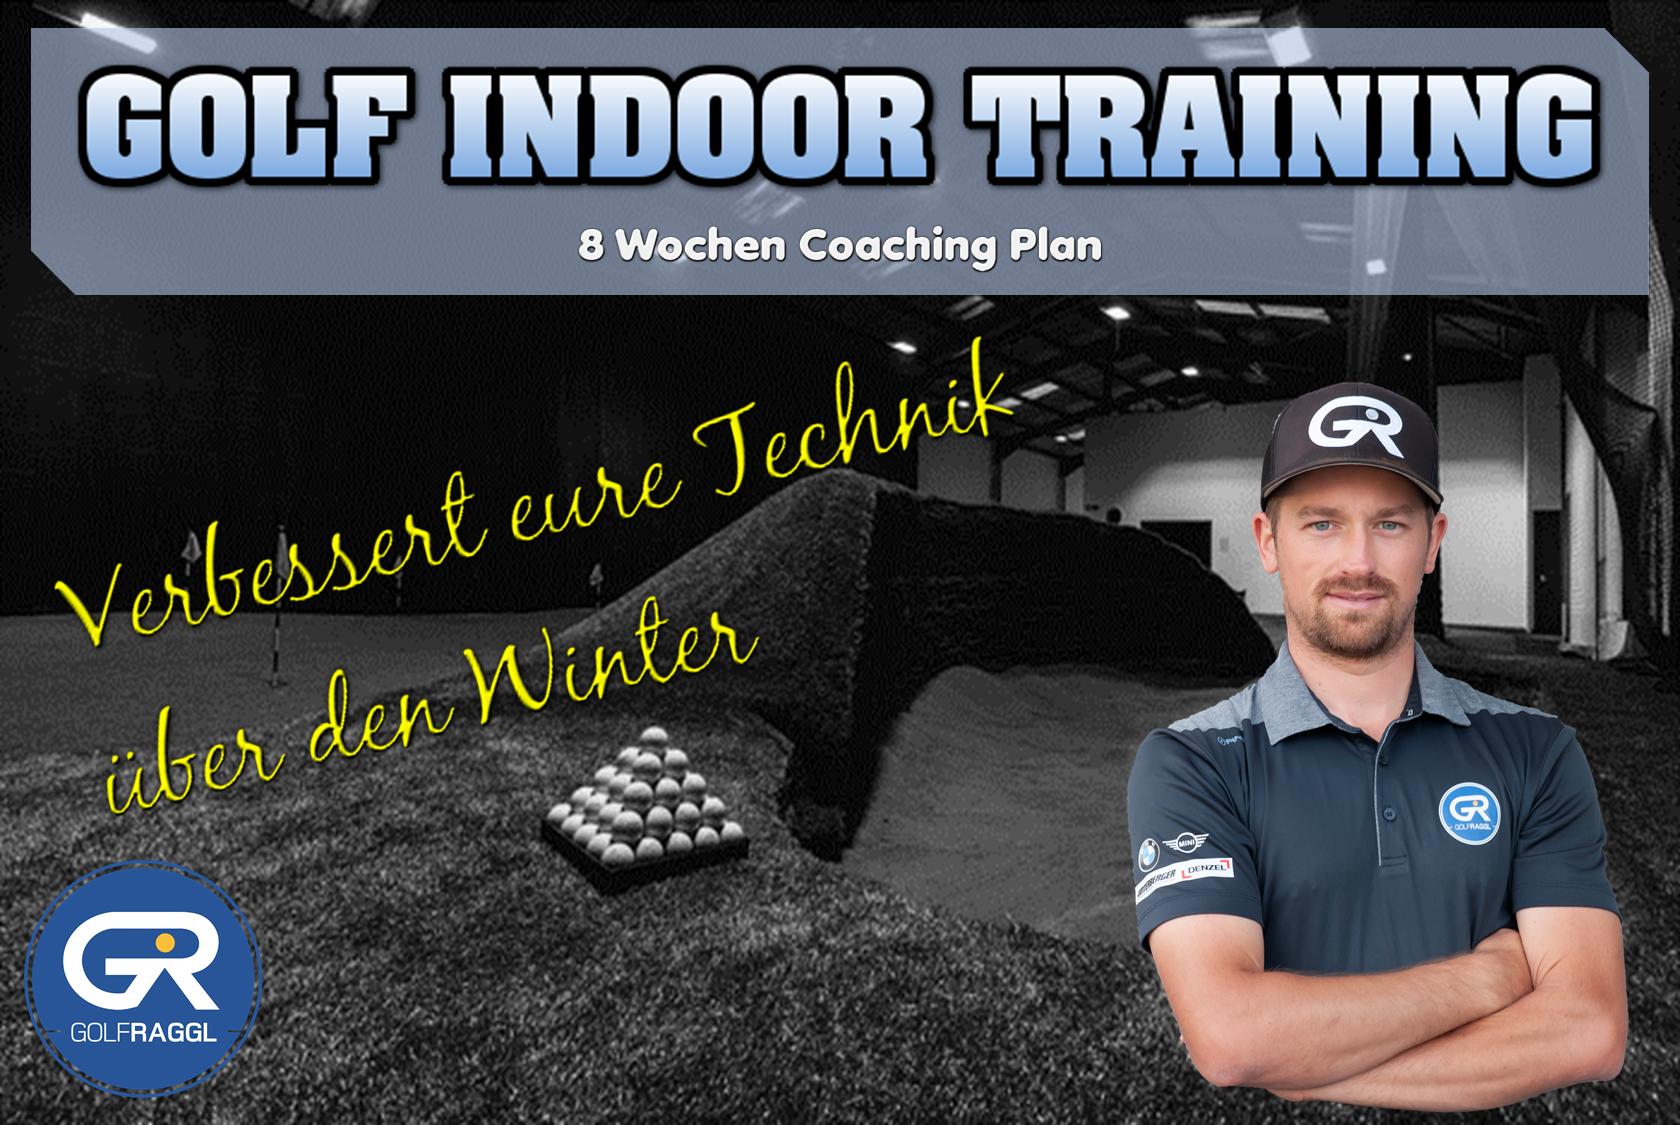 Golf Indoor Training